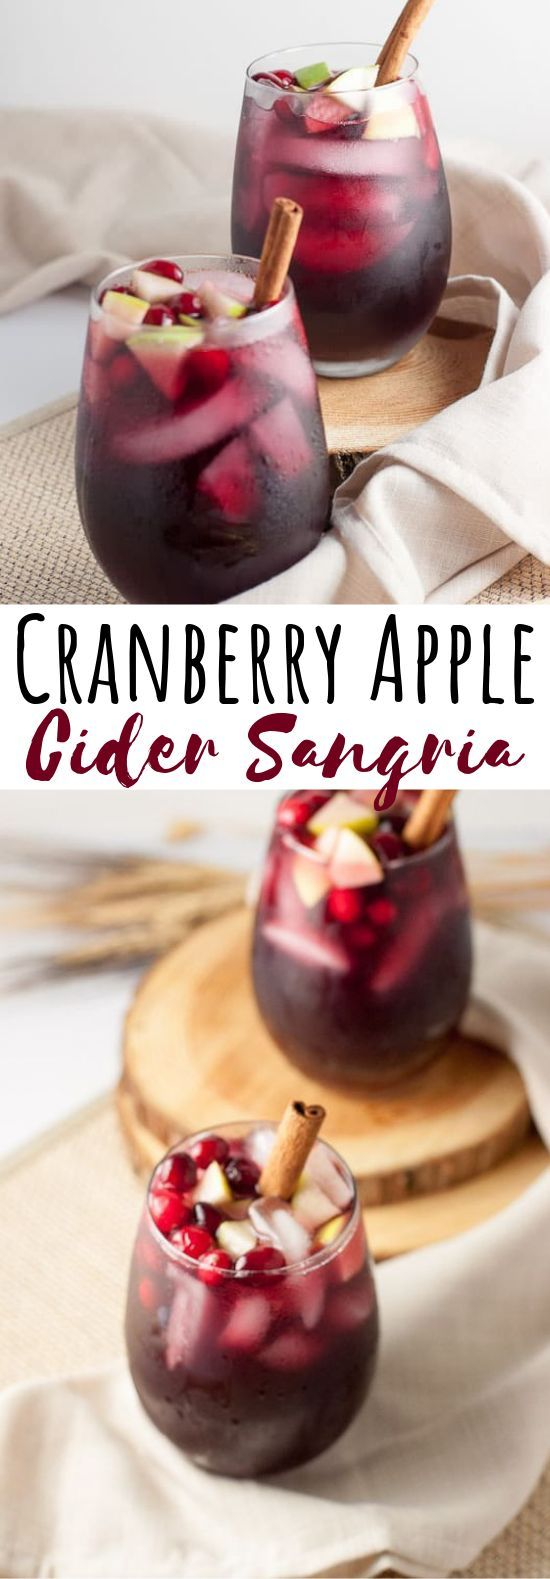 Cranberry Apple Cider Sangria #drinks #cocktails